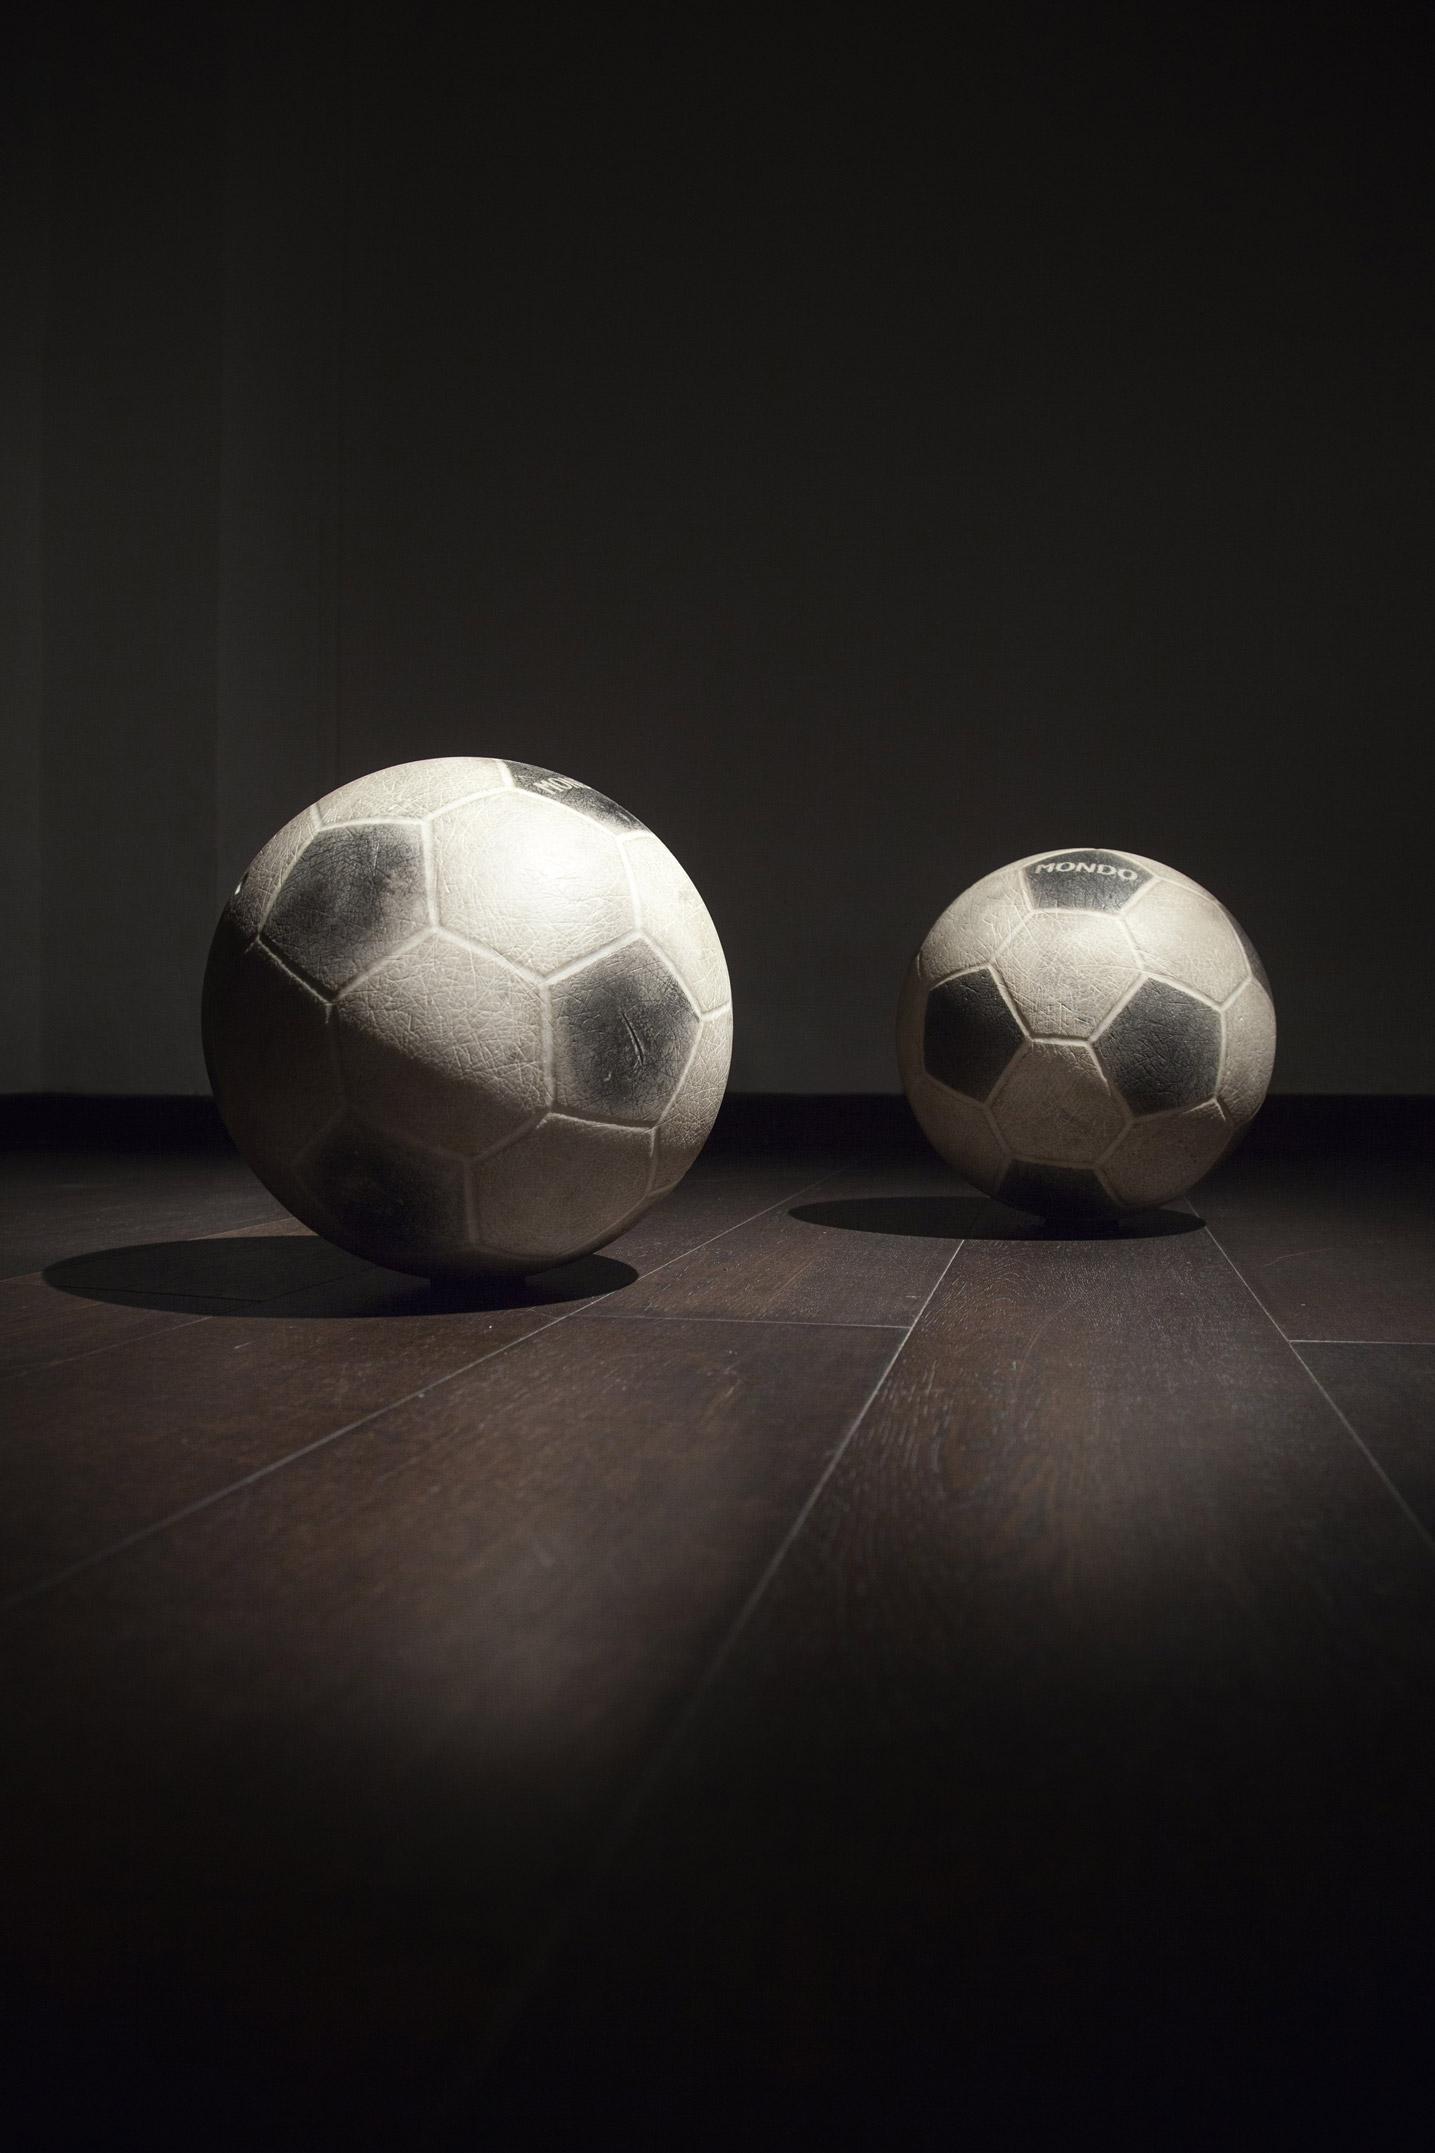 punk fabio viale poggiali forconi marmo marble doppiomondo football